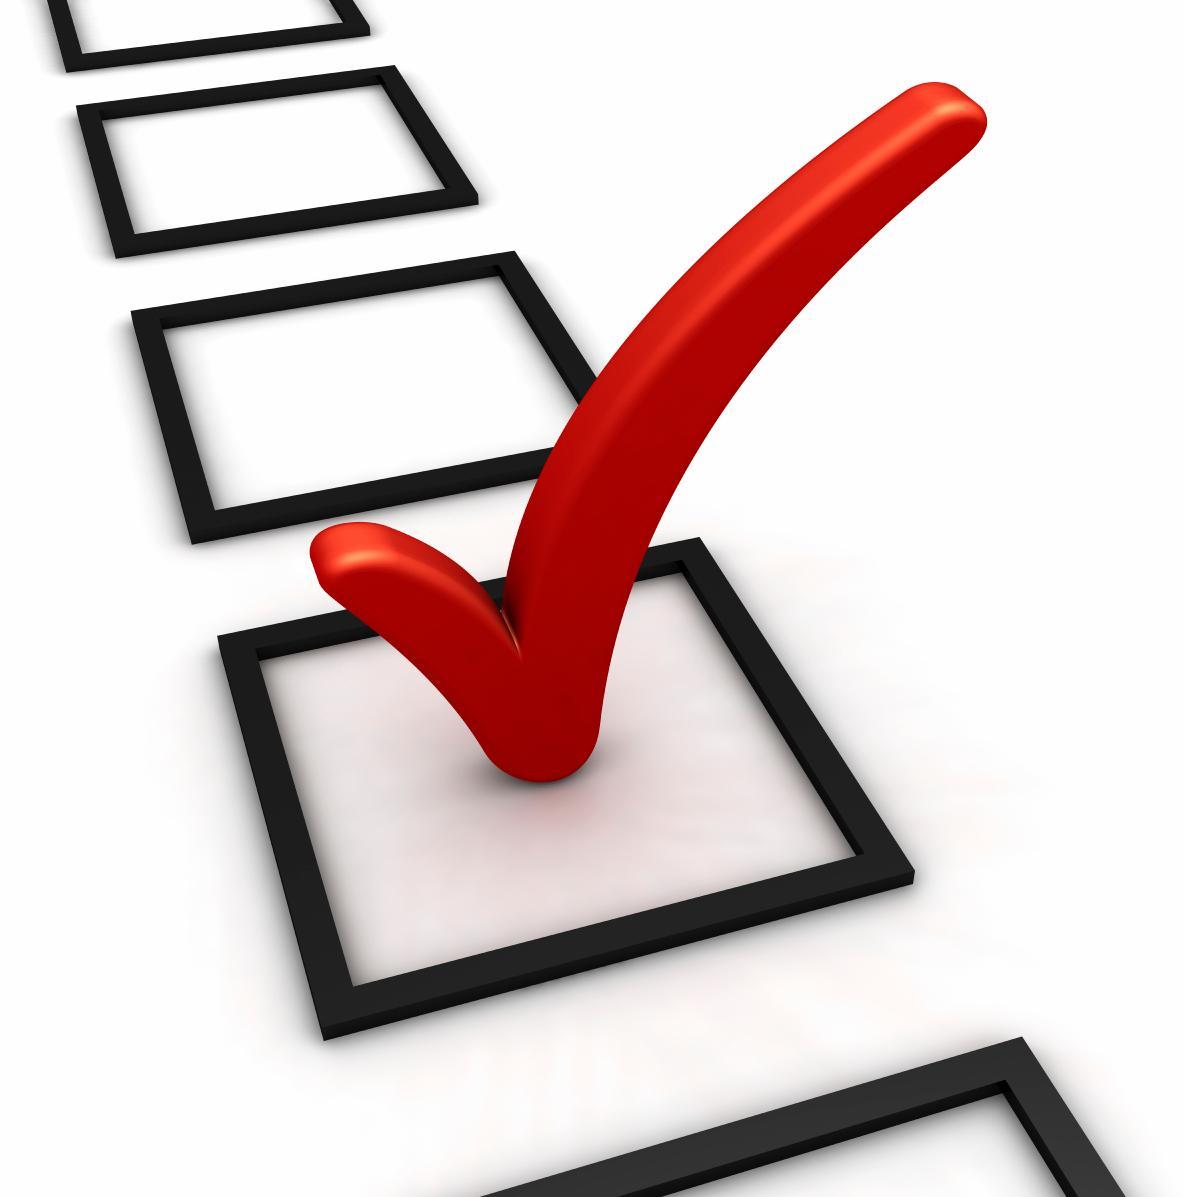 نتایج پذیرش دورههای کاردانی فنی حرفه ای 96 اعلام شد